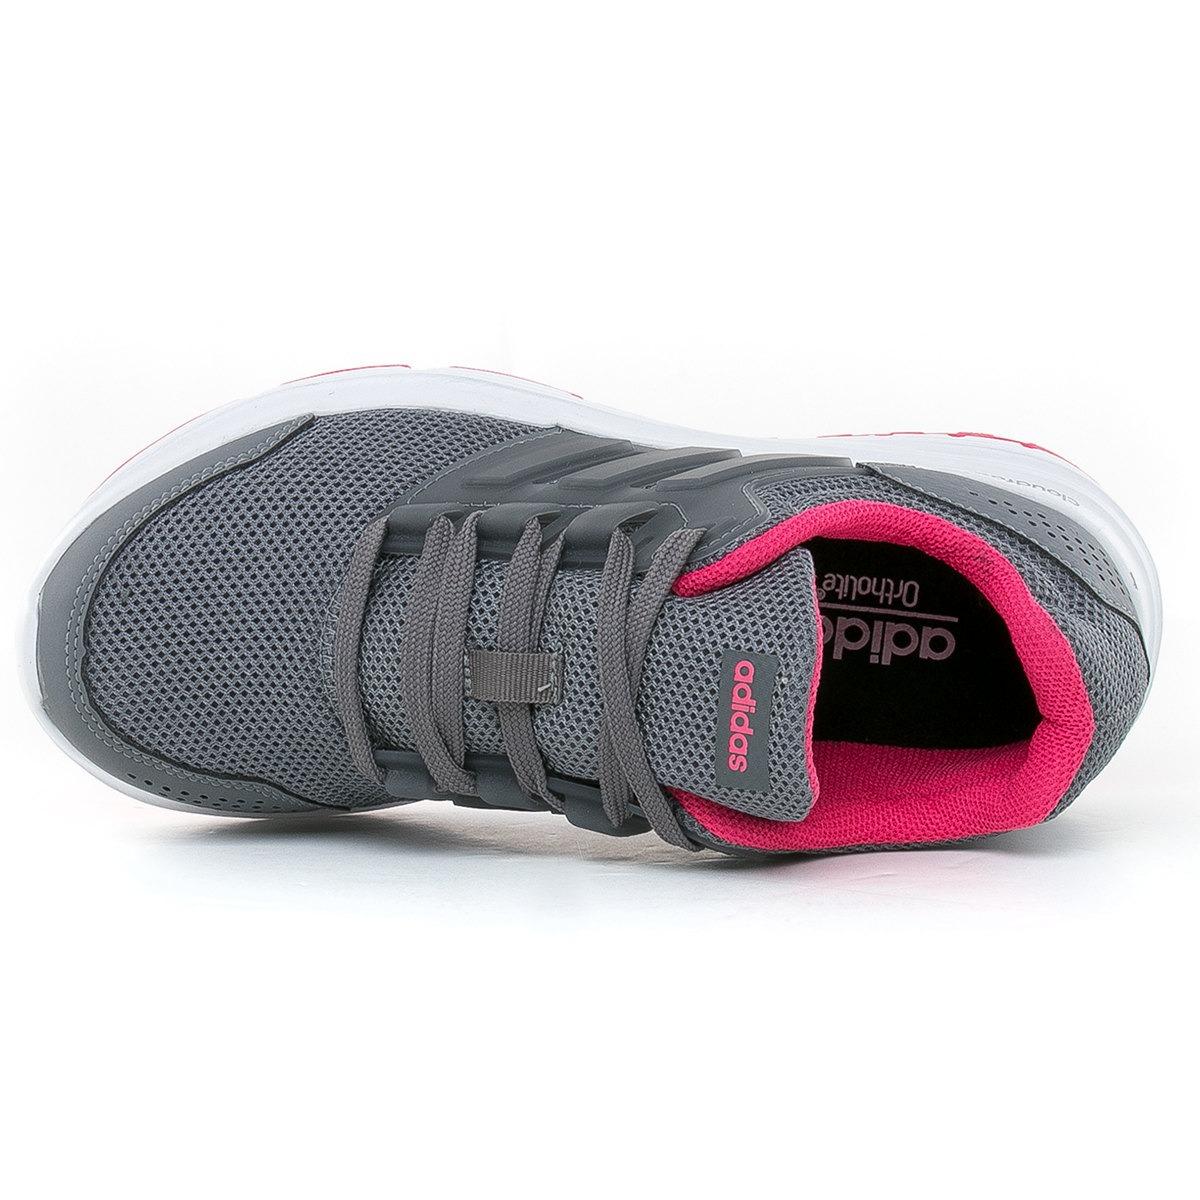 sports shoes 2c922 864cd zapatillas galaxy 4 grey adidas team sport tienda oficial. Cargando zoom.